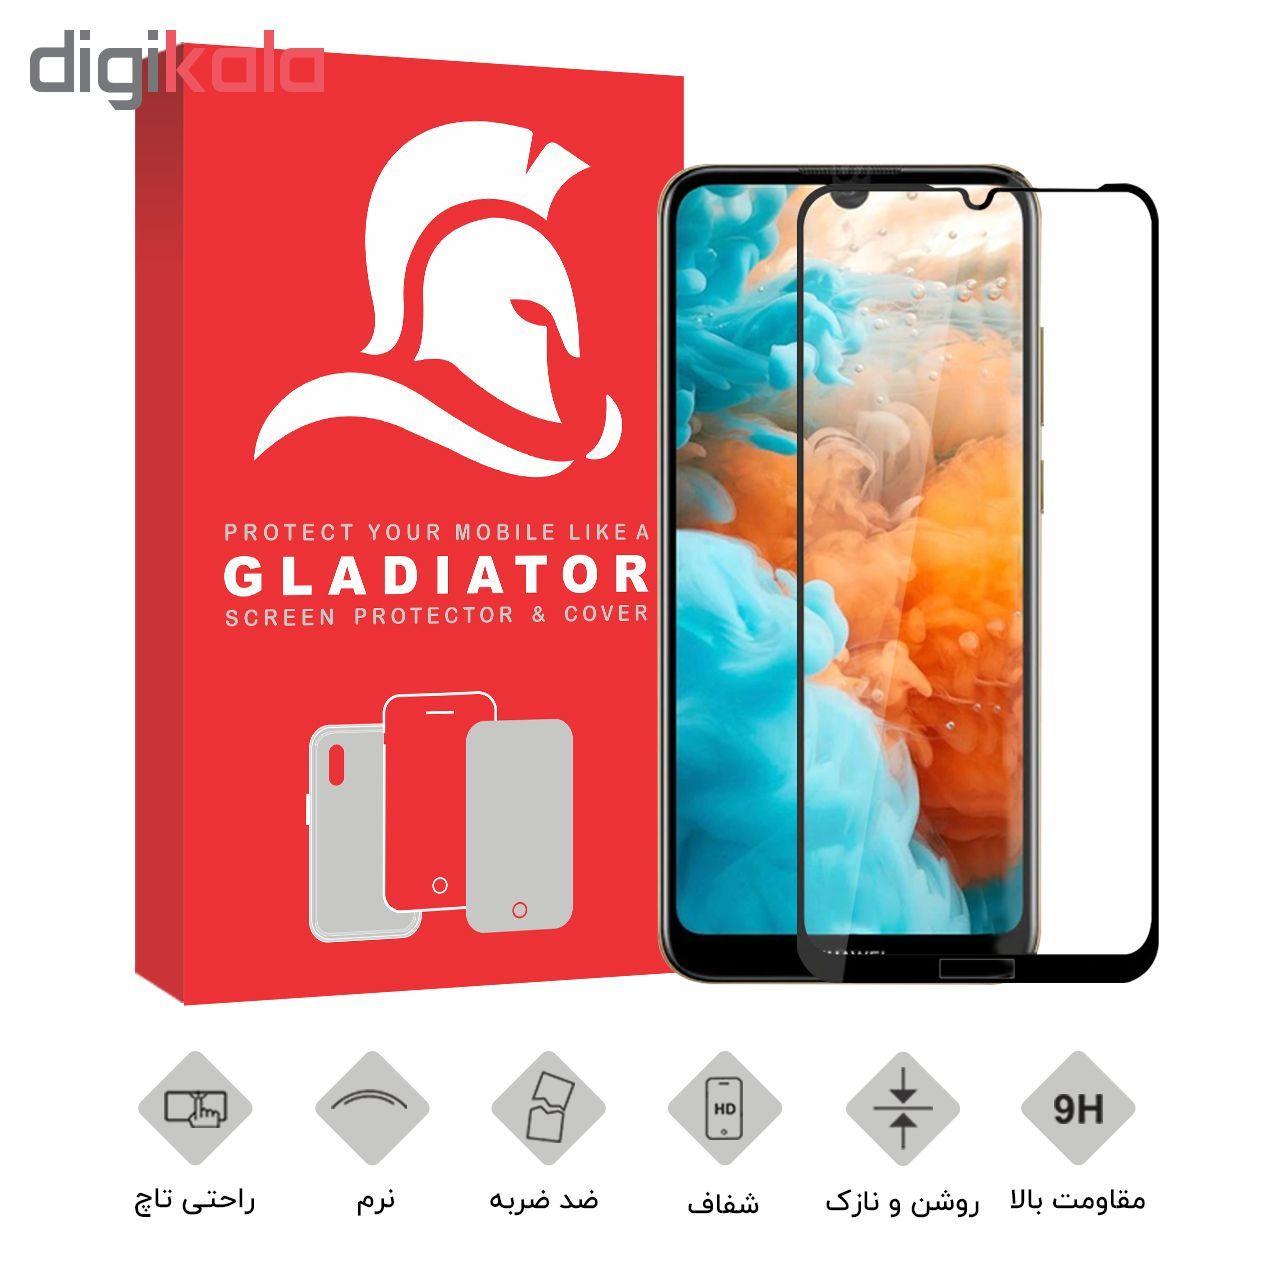 محافظ صفحه نمایش گلادیاتور مدل GPH1000 مناسب برای گوشی موبایل هوآوی Y7 Prime 2019 main 1 2